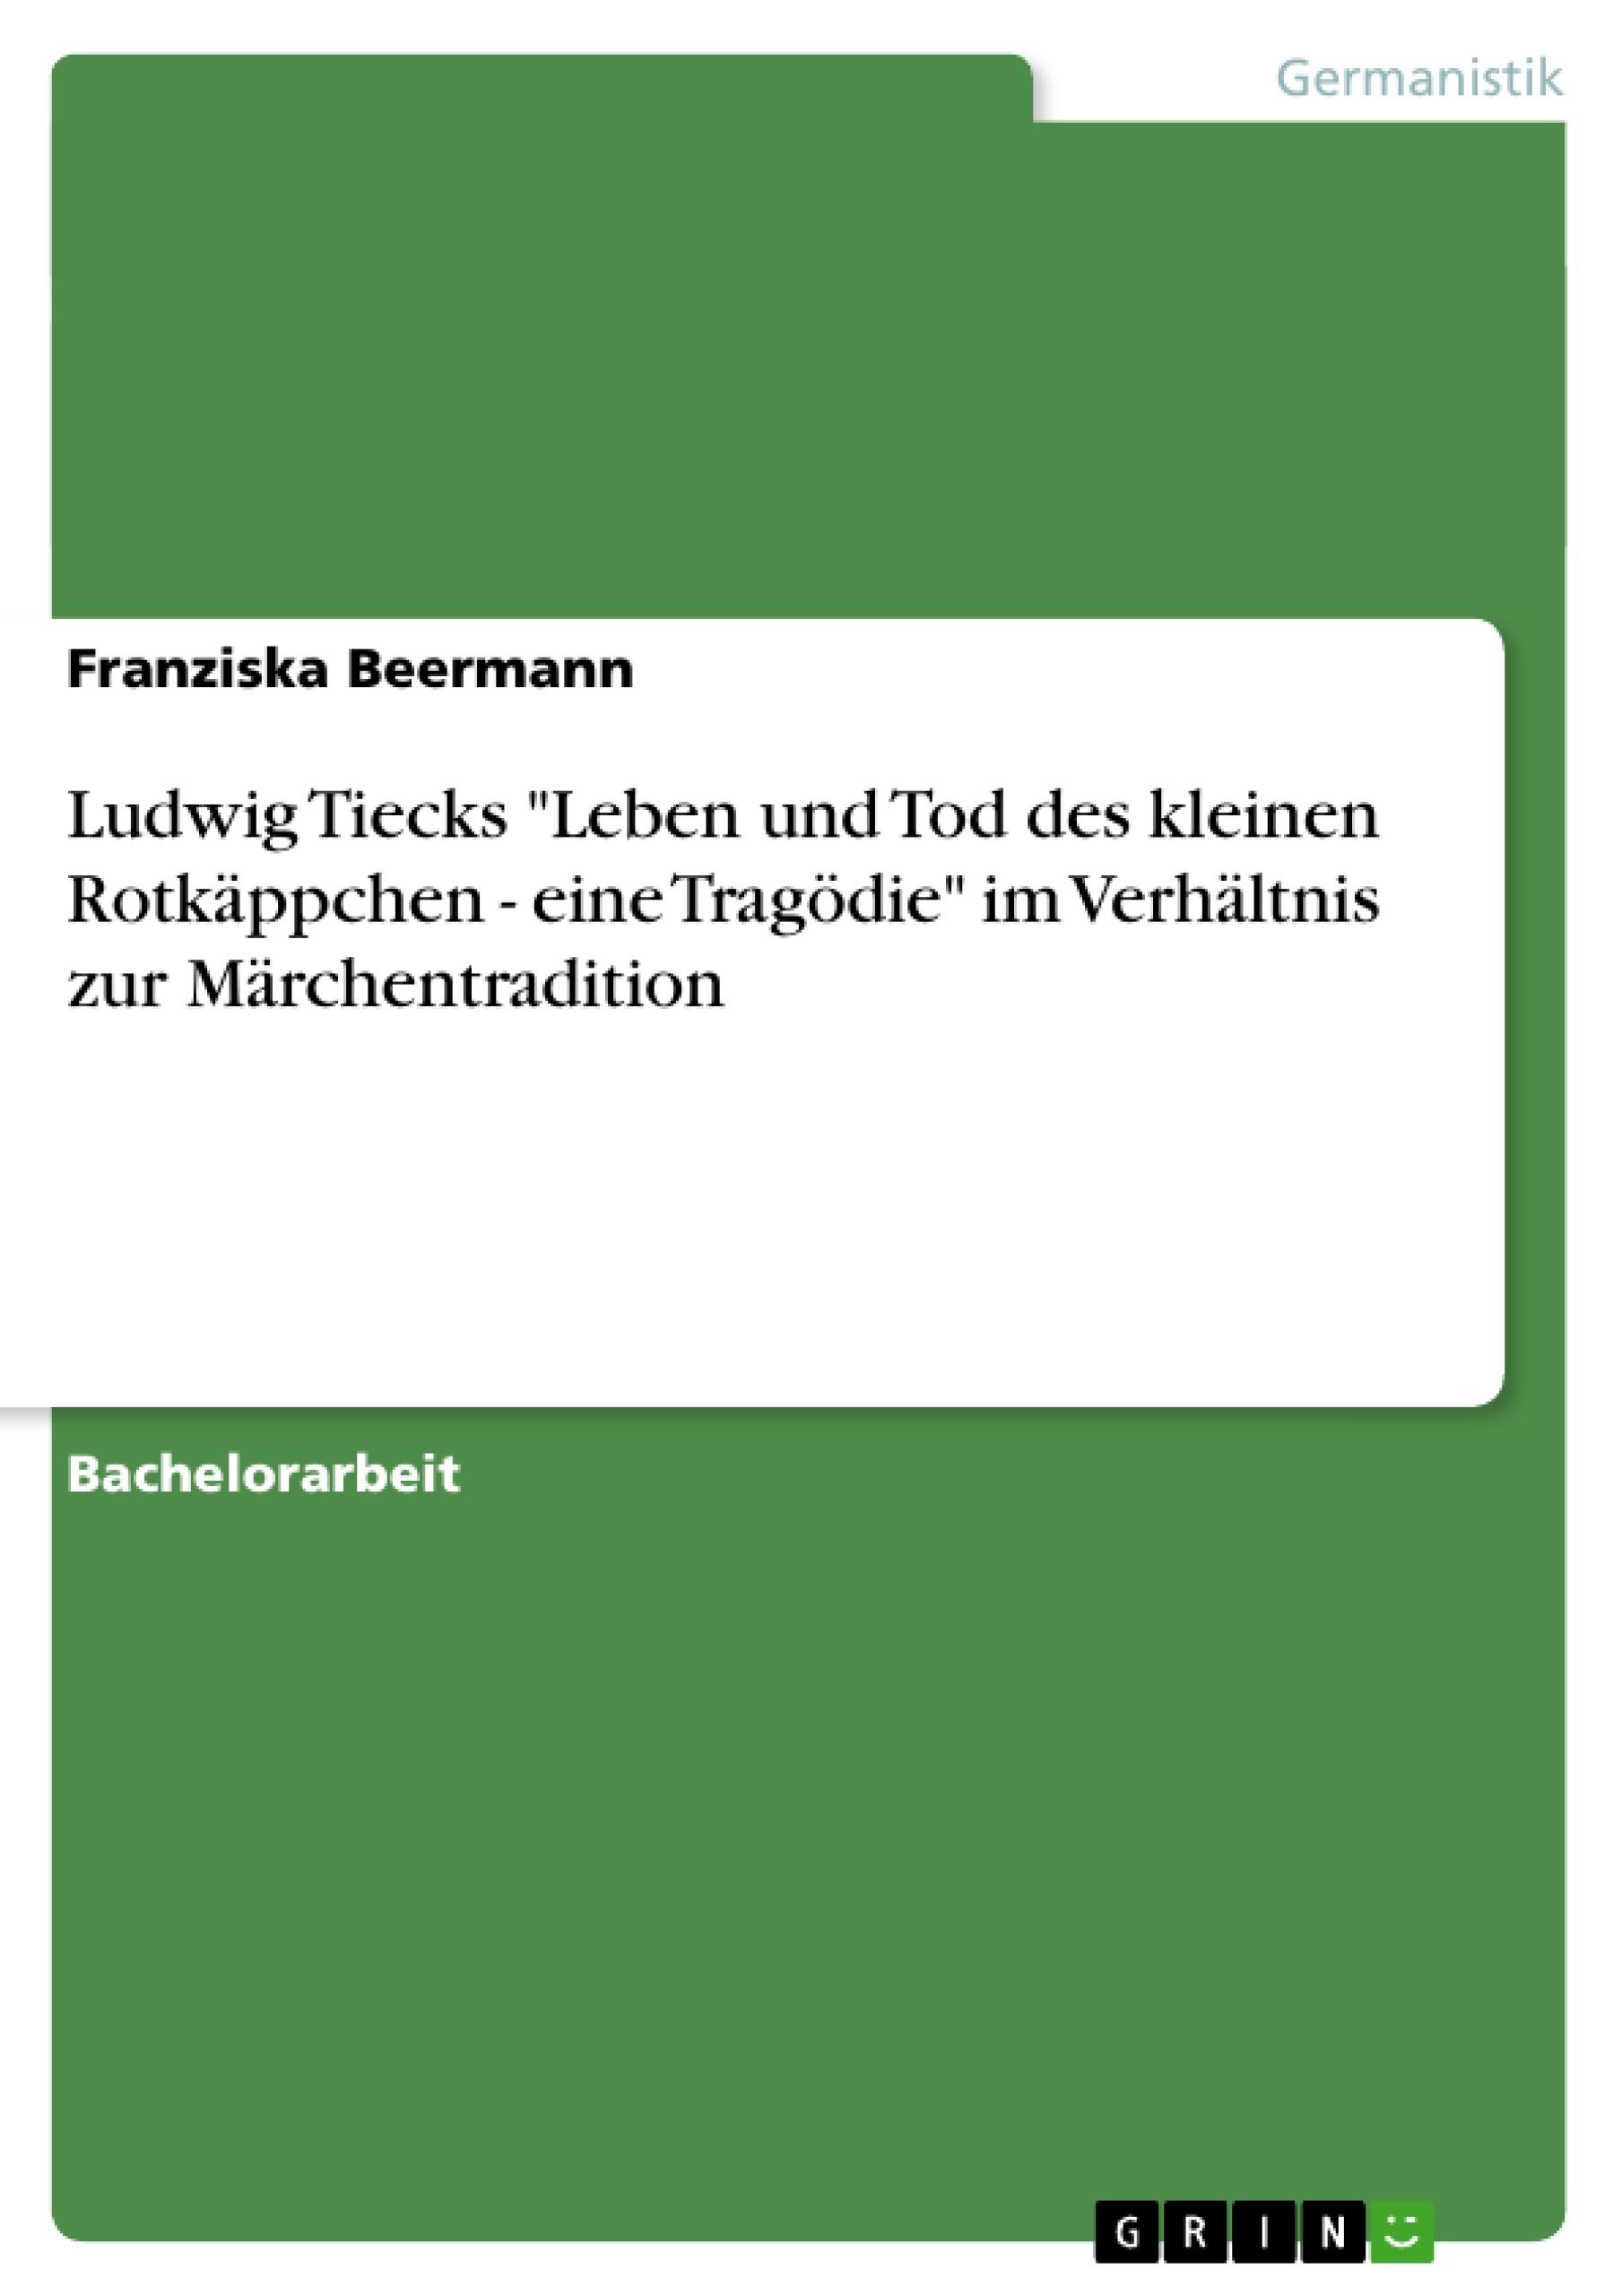 """Titel: Ludwig Tiecks """"Leben und Tod des kleinen Rotkäppchen - eine Tragödie"""" im Verhältnis zur Märchentradition"""